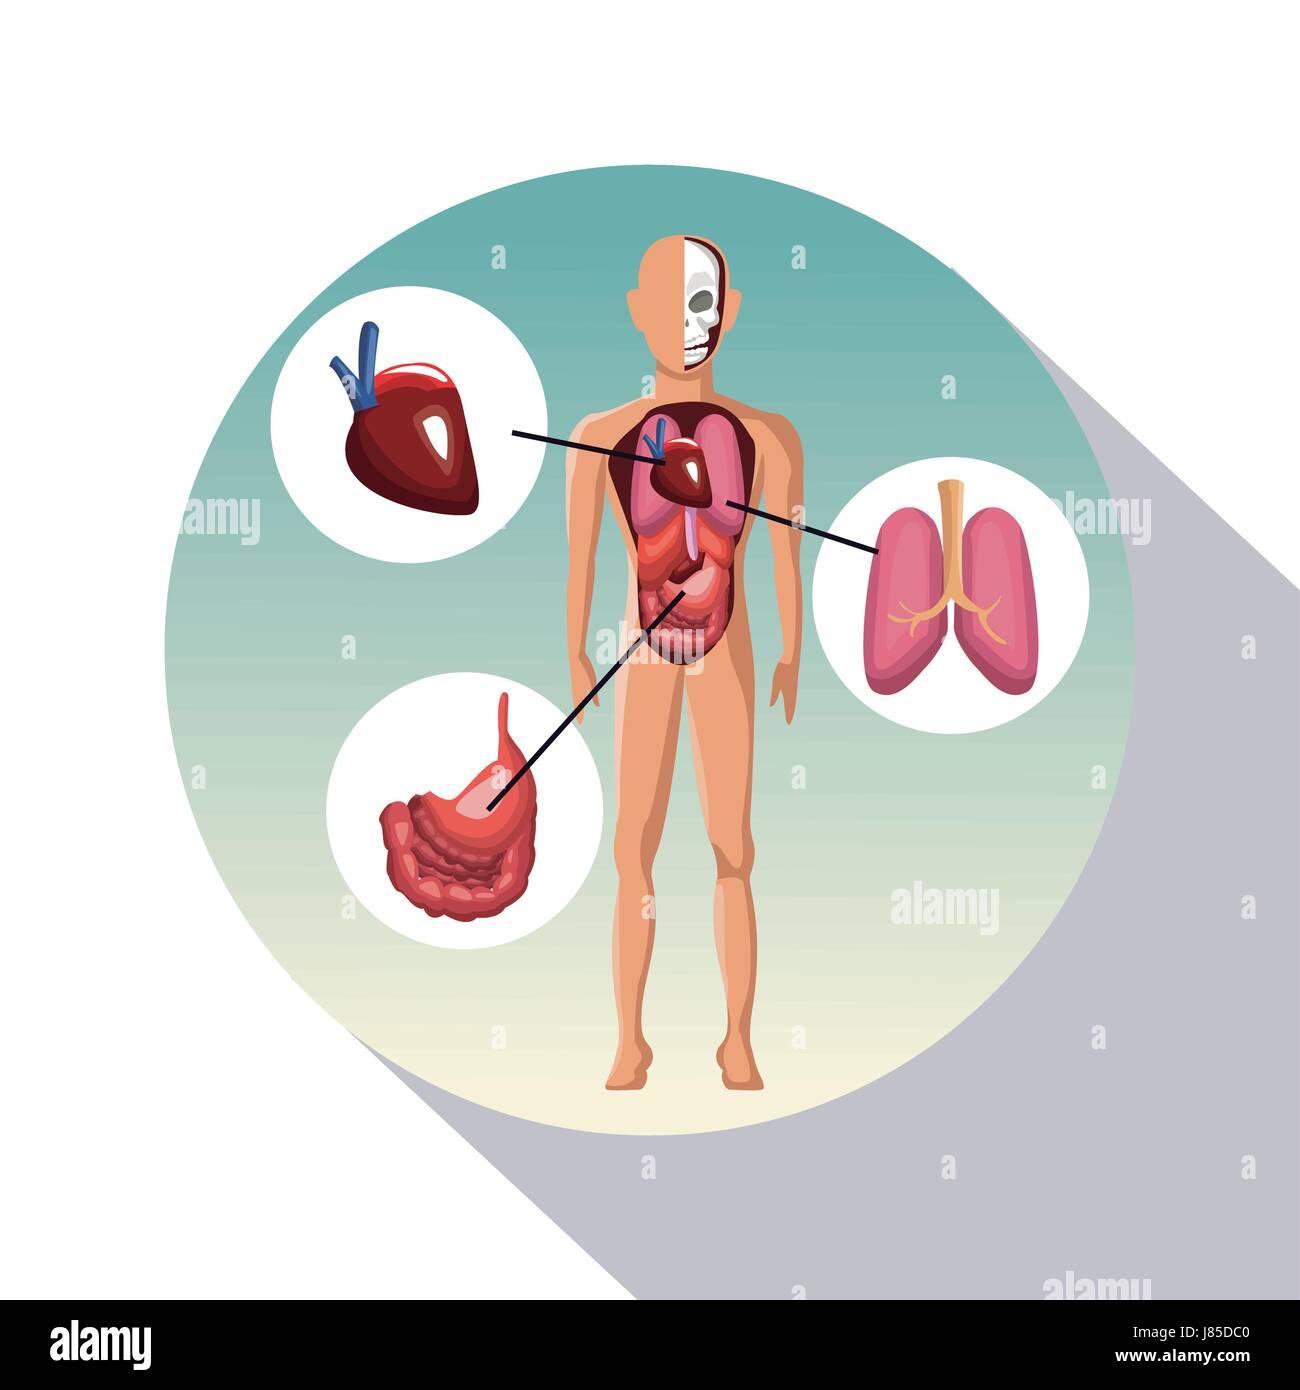 kreisförmigen Rahmen Schattierung des Plakat Closeup menschlichen ...